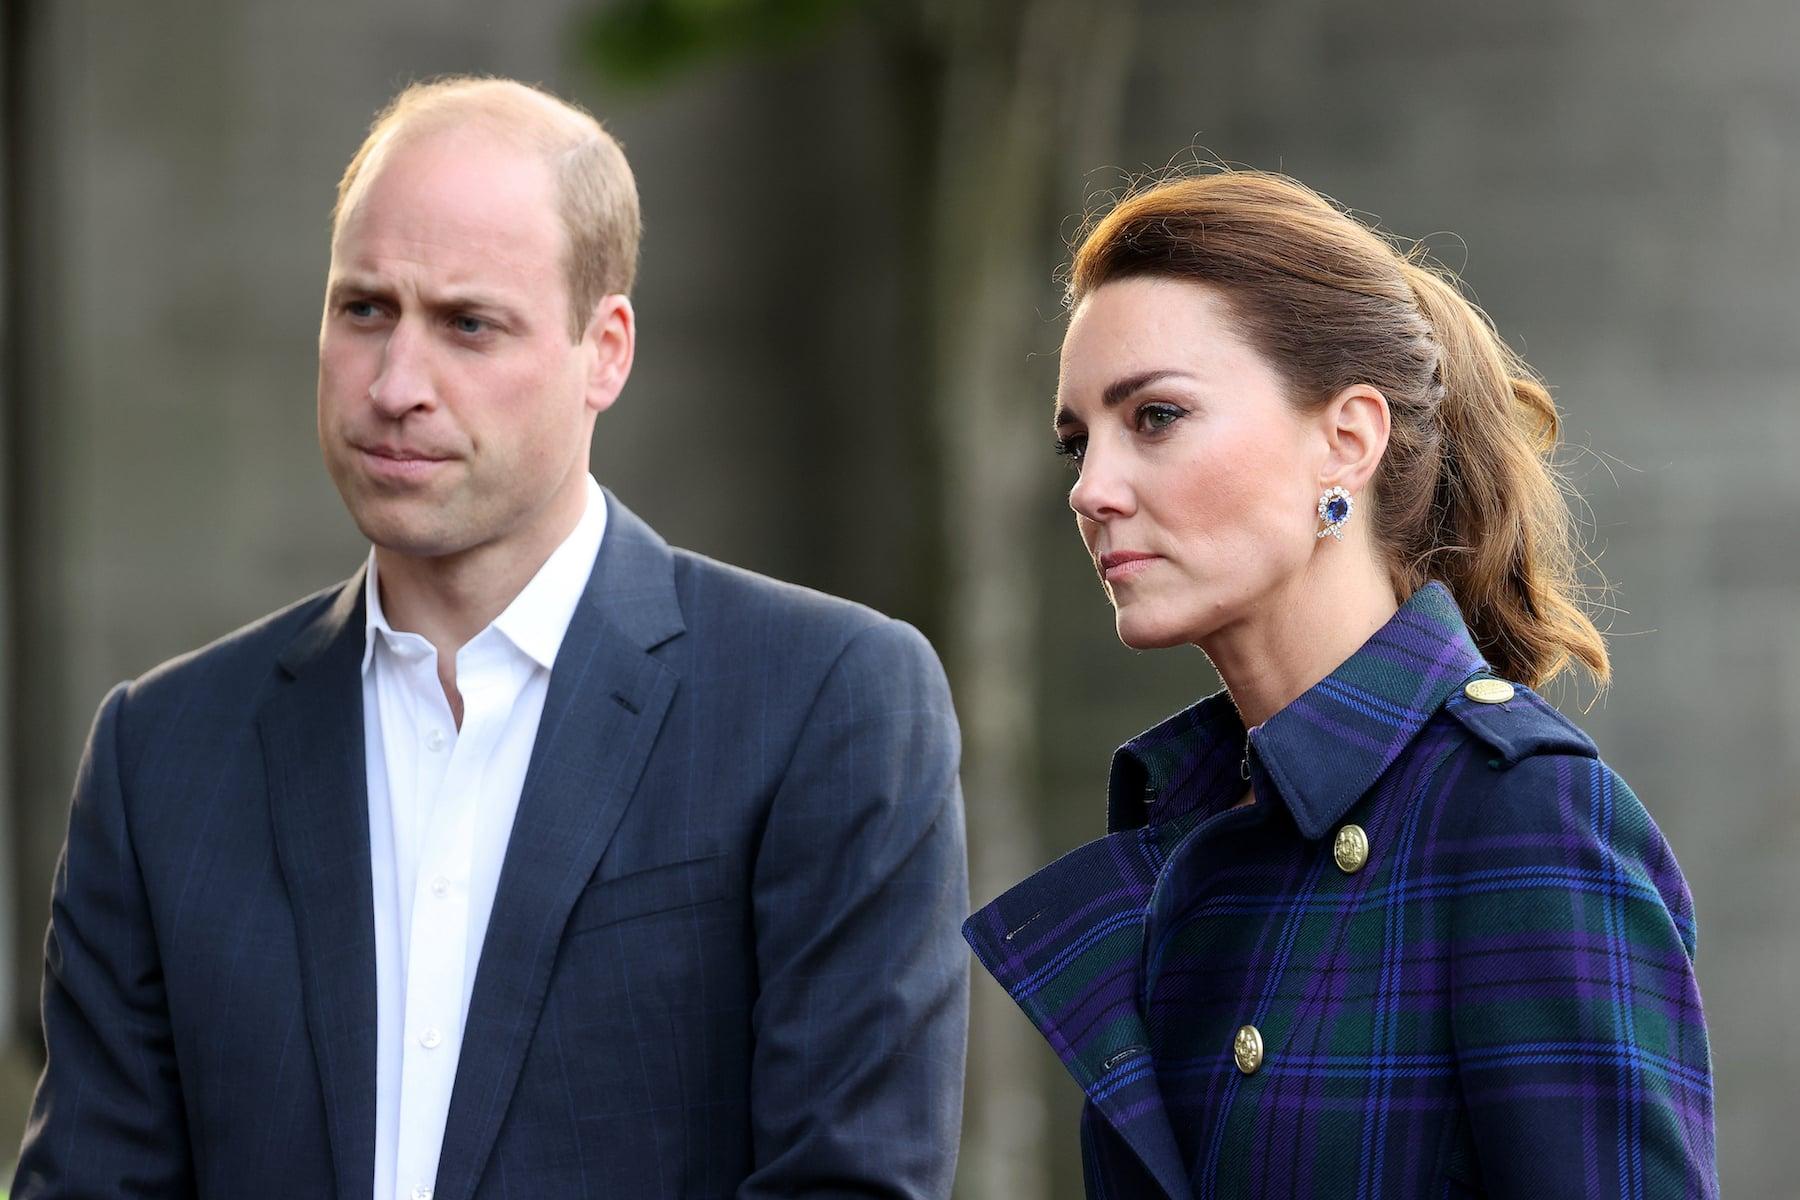 Herzogin Kate und Prinz William: Wagen sie einen Neuanfang?